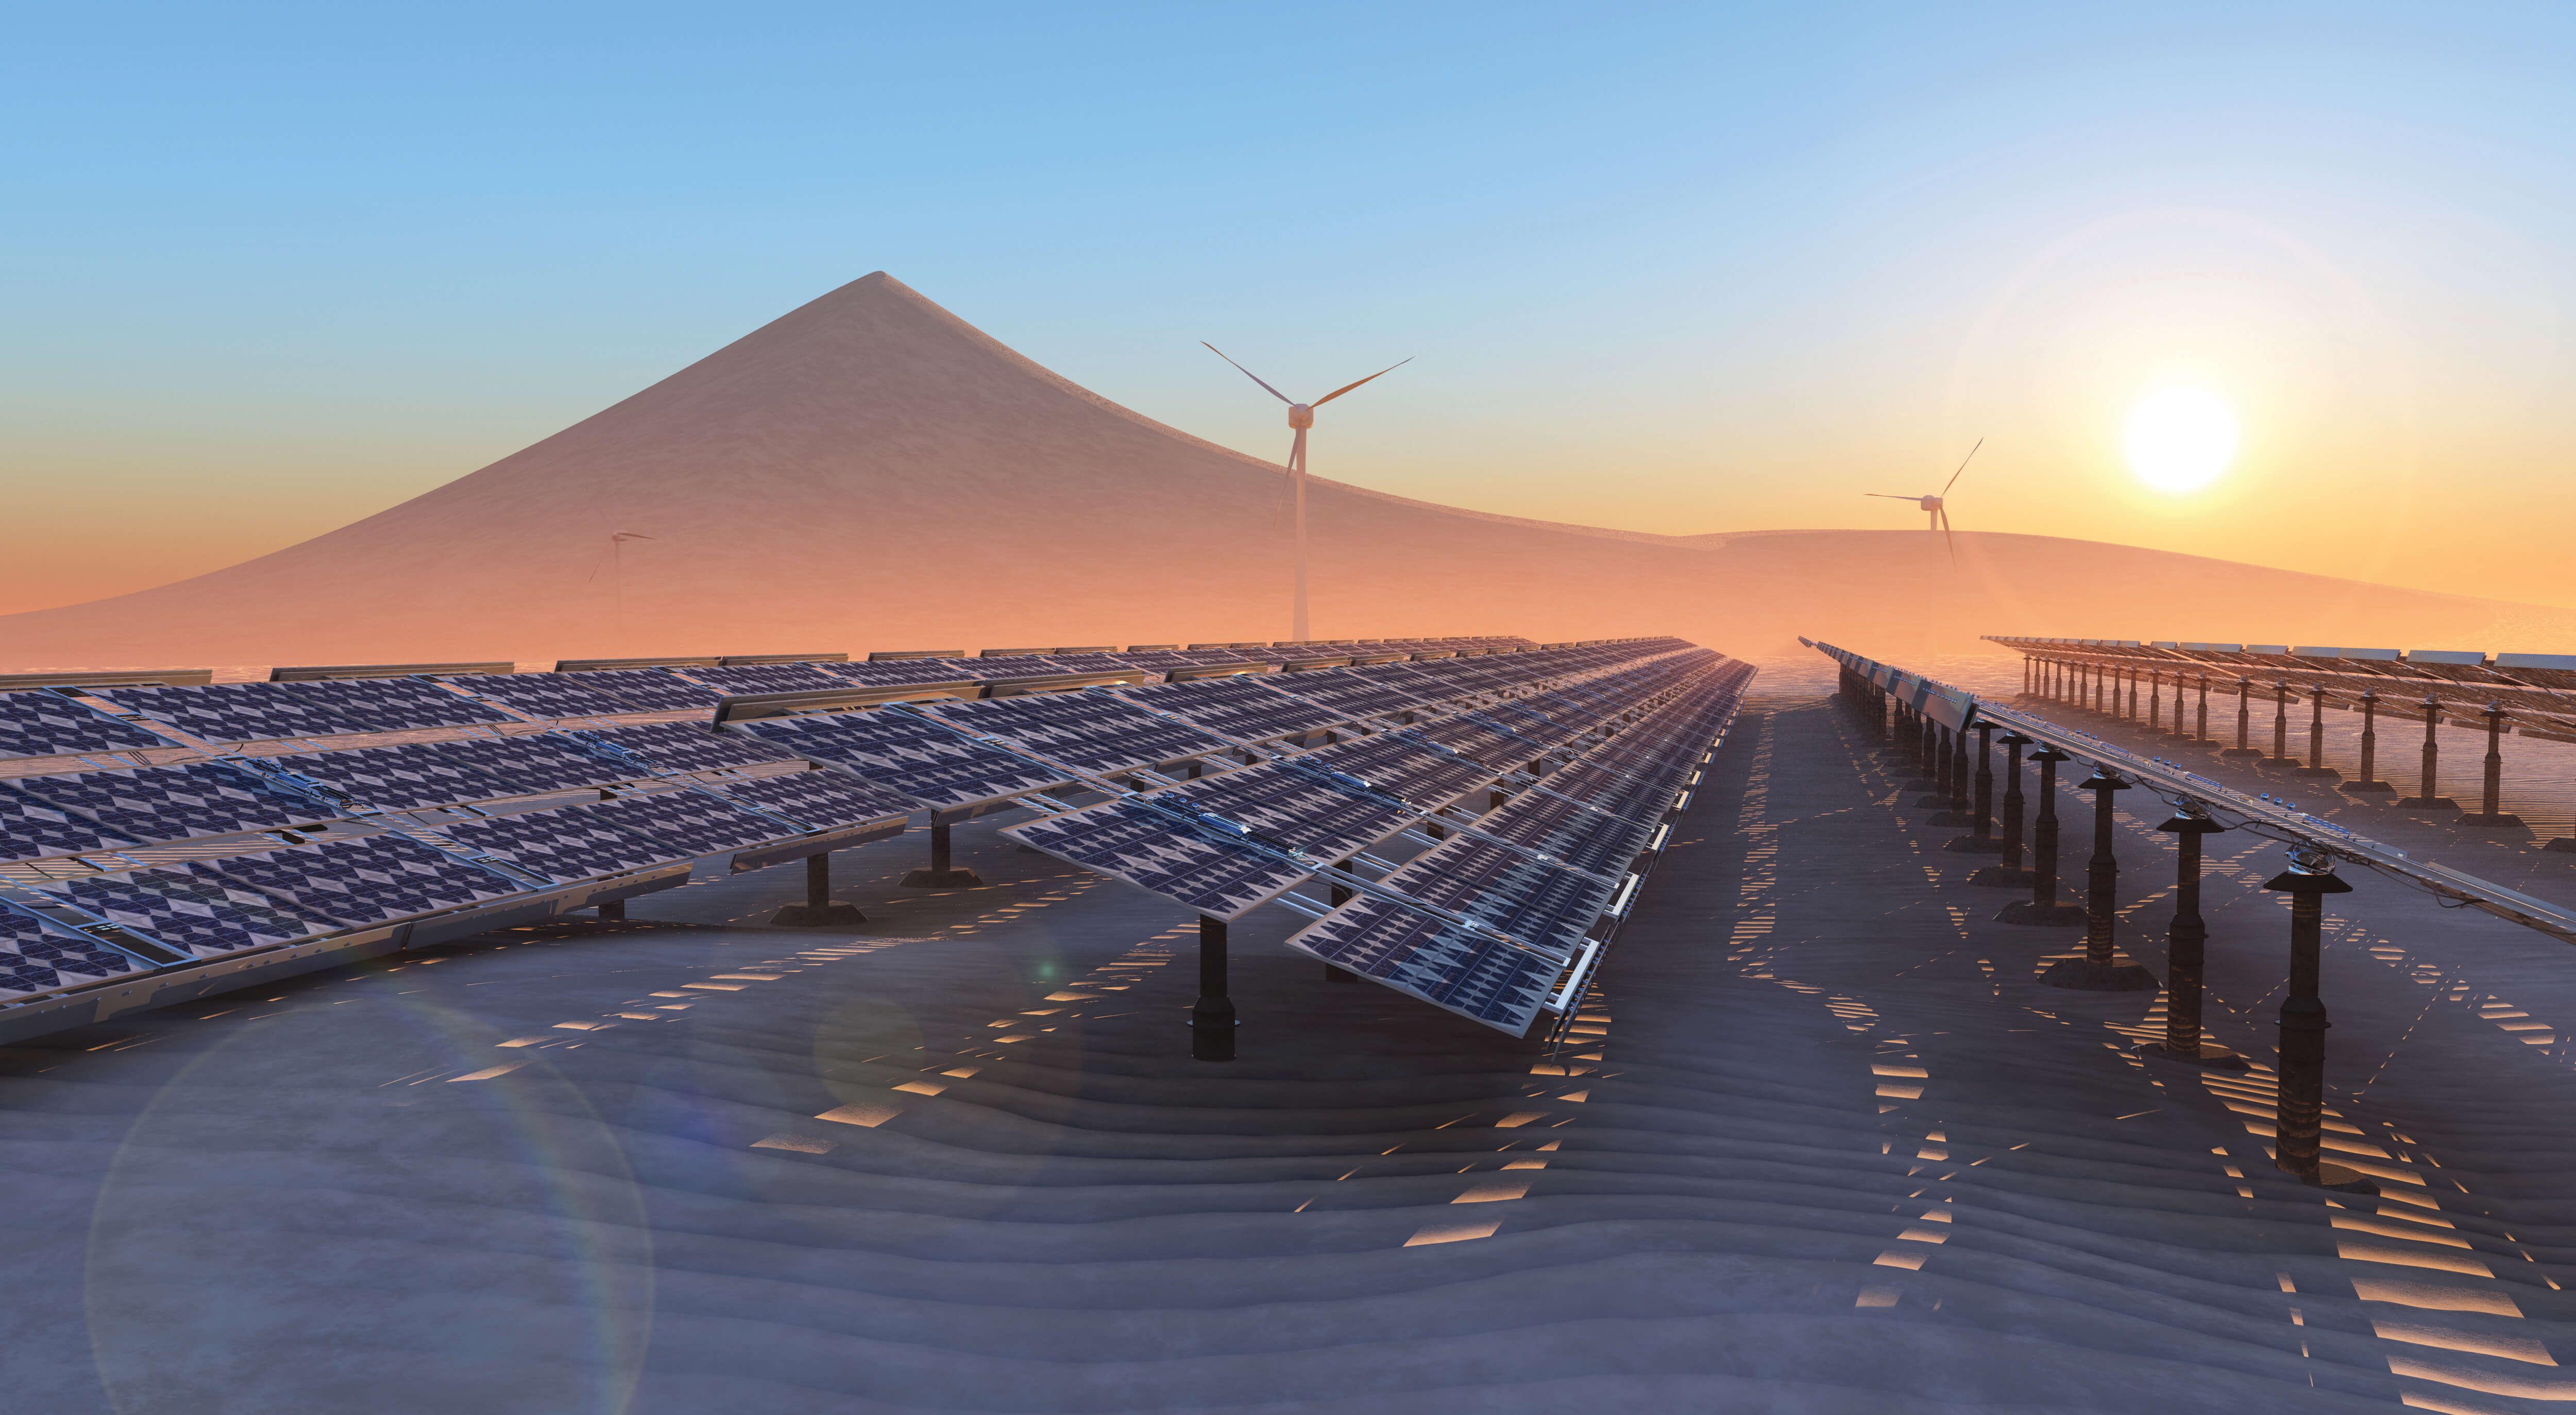 Ortadoğu, Yenilenebilir Enerji Geleceğine odaklanıyor